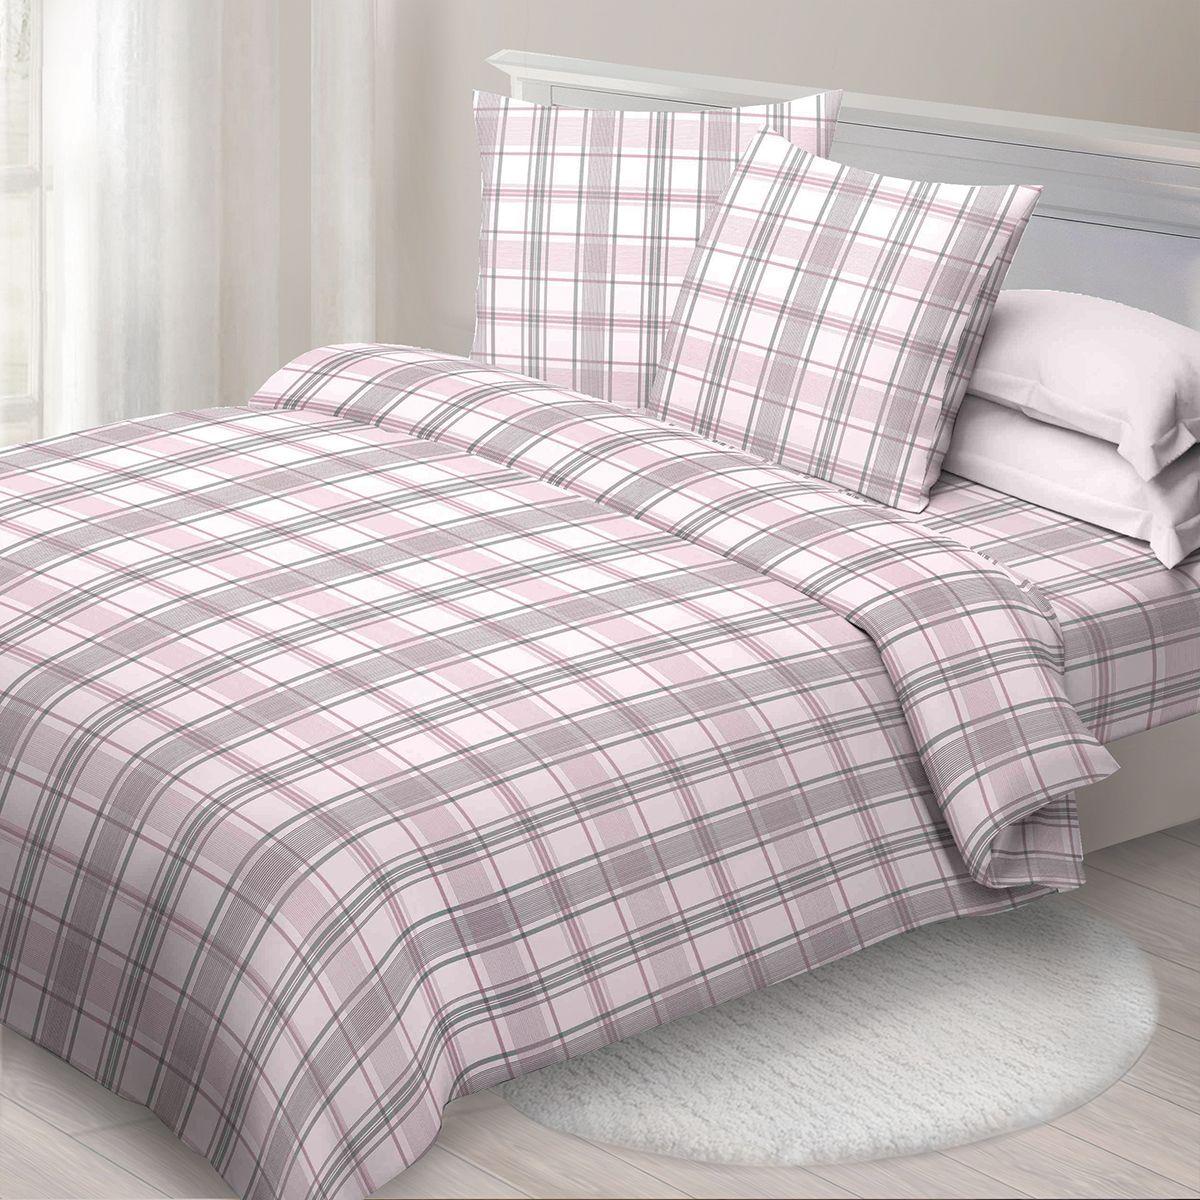 Комплект белья Спал Спалыч Ричард, 1,5-спальное, наволочки 70x70, цвет: розовый91323Спал Спалыч - недорогое, но качественное постельное белье из белорусской бязи. Актуальные дизайны, авторская упаковка в сочетании с качественными материалами и приемлемой ценой - залог успеха Спал Спалыча! В ассортименте широкая линейка домашнего текстиля для всей семьи - современные дизайны современному покупателю! Ткань обработана по технологии PERFECT WAY - благодаря чему, она становится более гладкой и шелковистой. • Бязь Барановичи 100% хлопок • Плотность ткани - 125 гр/кв.м.